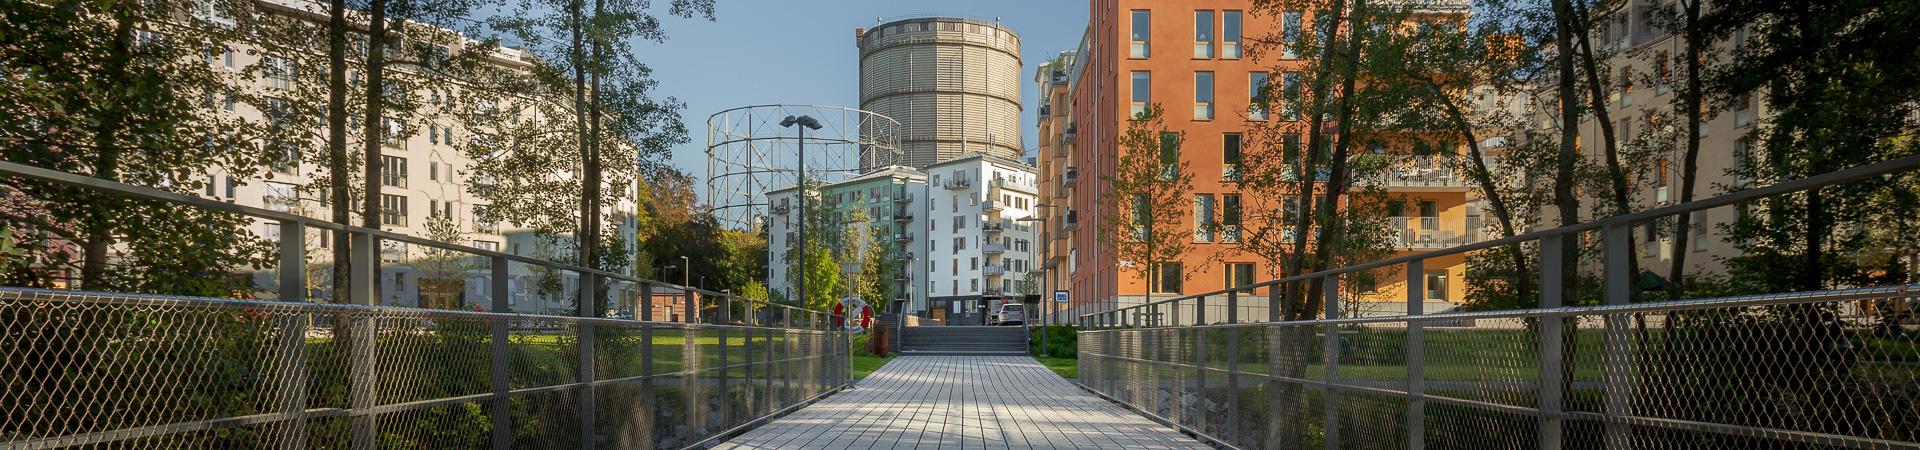 Projektstöd prefabricerade lösningar i hårdträ för stora byggprojekt. Kärnsund Wood Link.